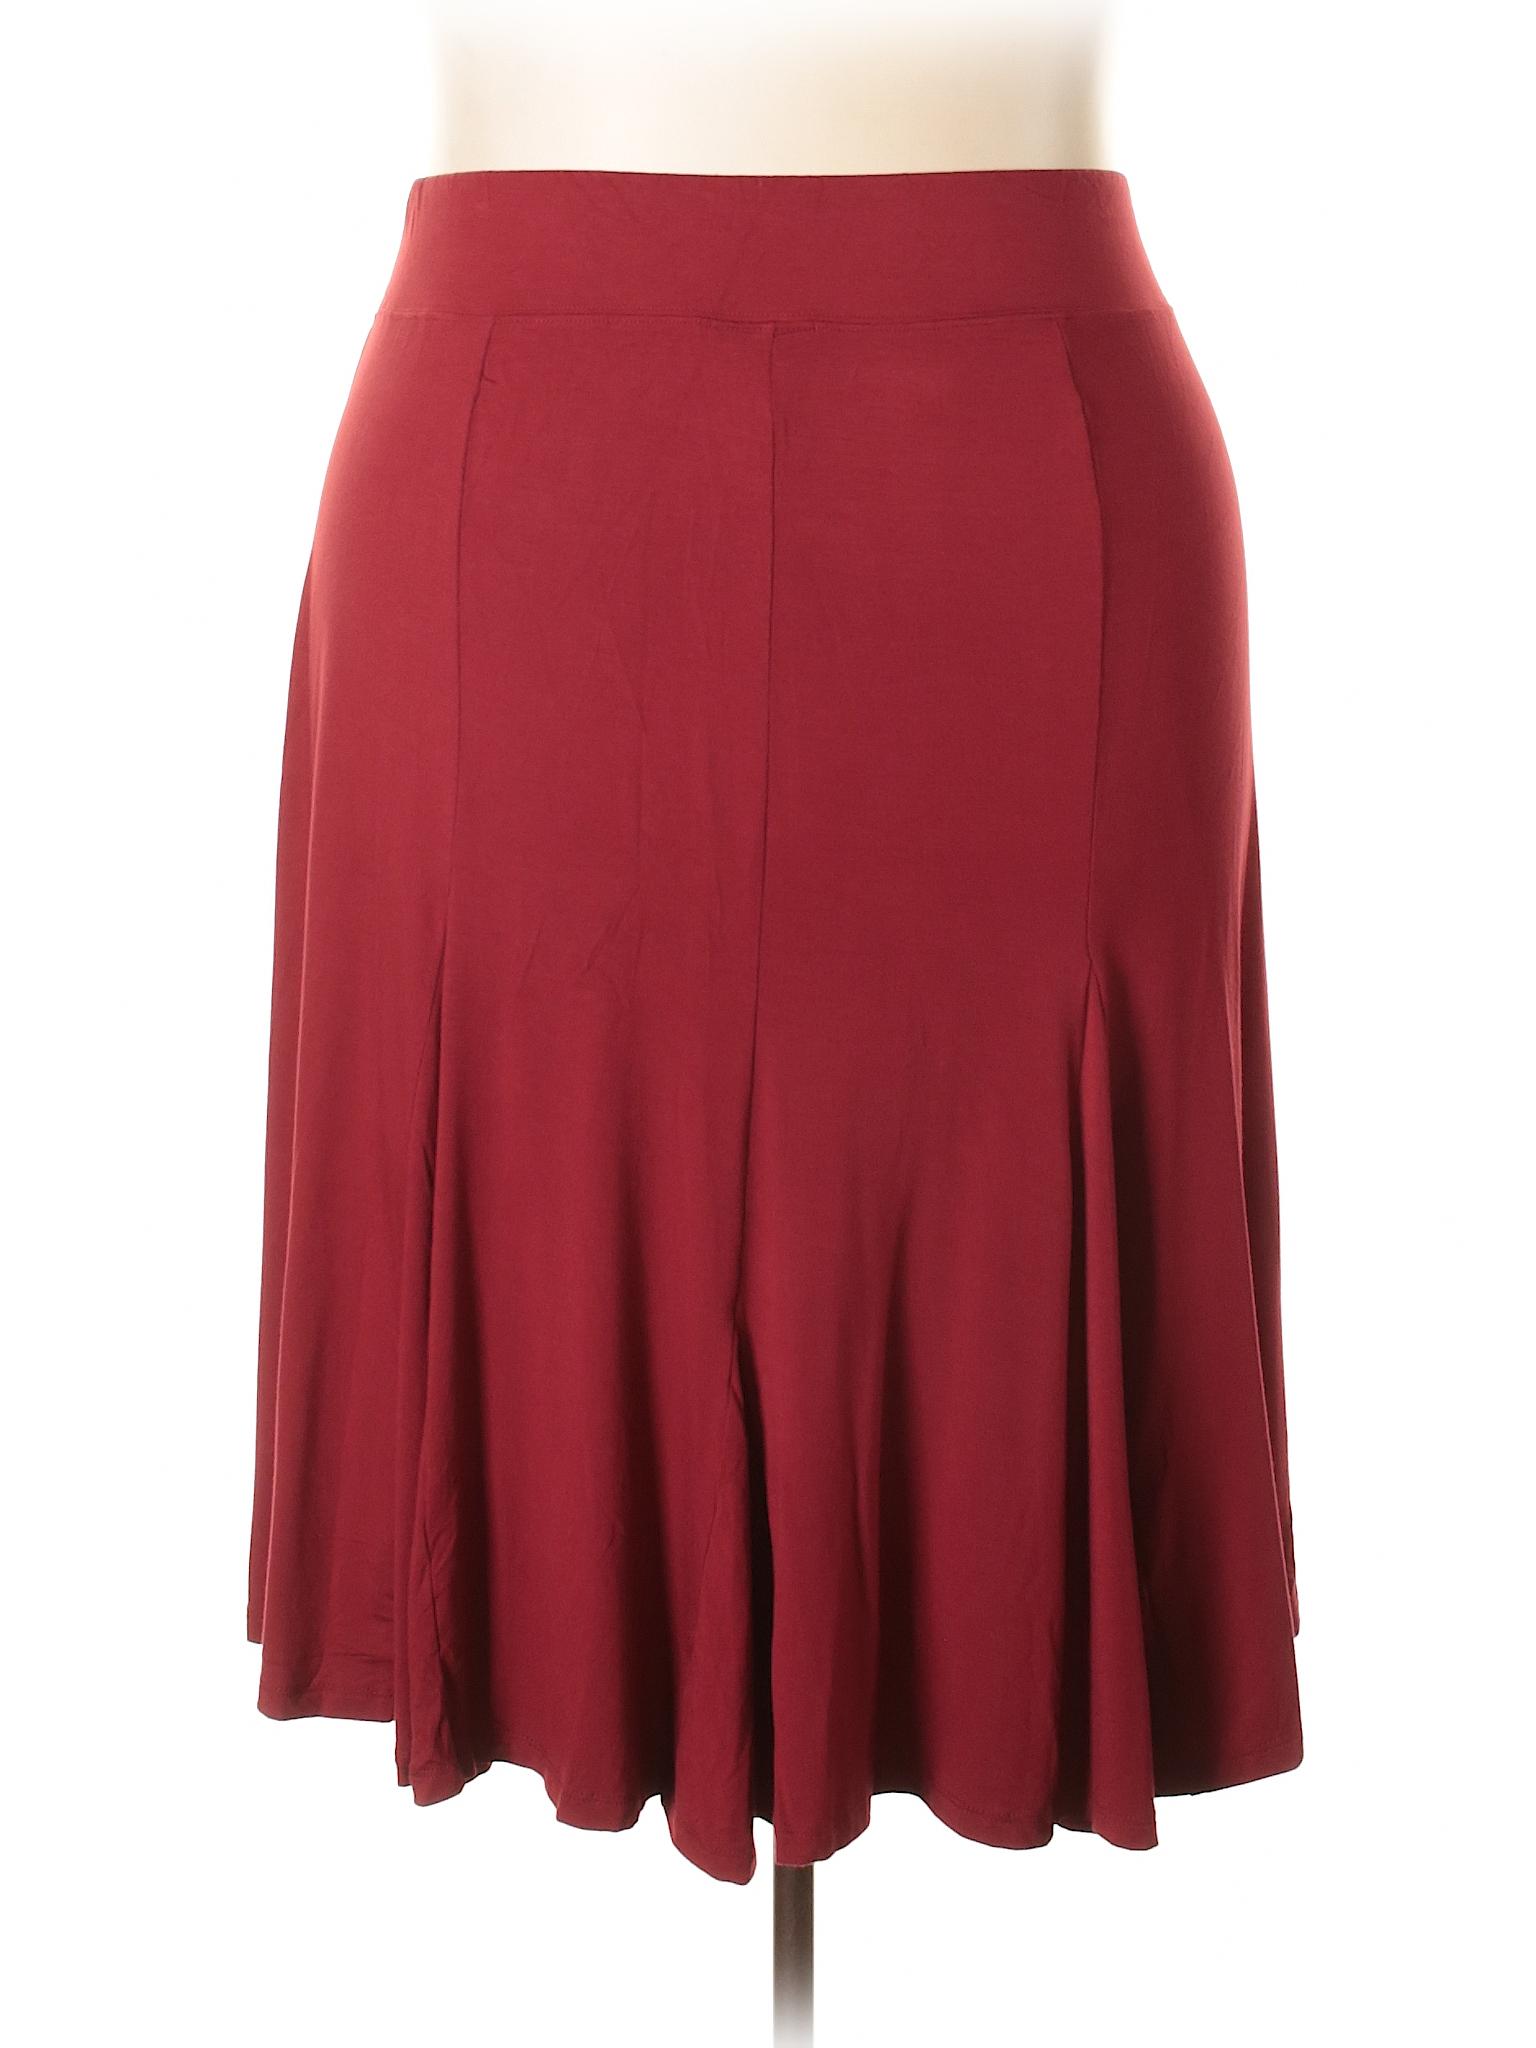 Casual Skirt Boutique Boutique Skirt Skirt Casual Boutique Boutique Casual Casual Casual Boutique Skirt Skirt qSfxfXUZ